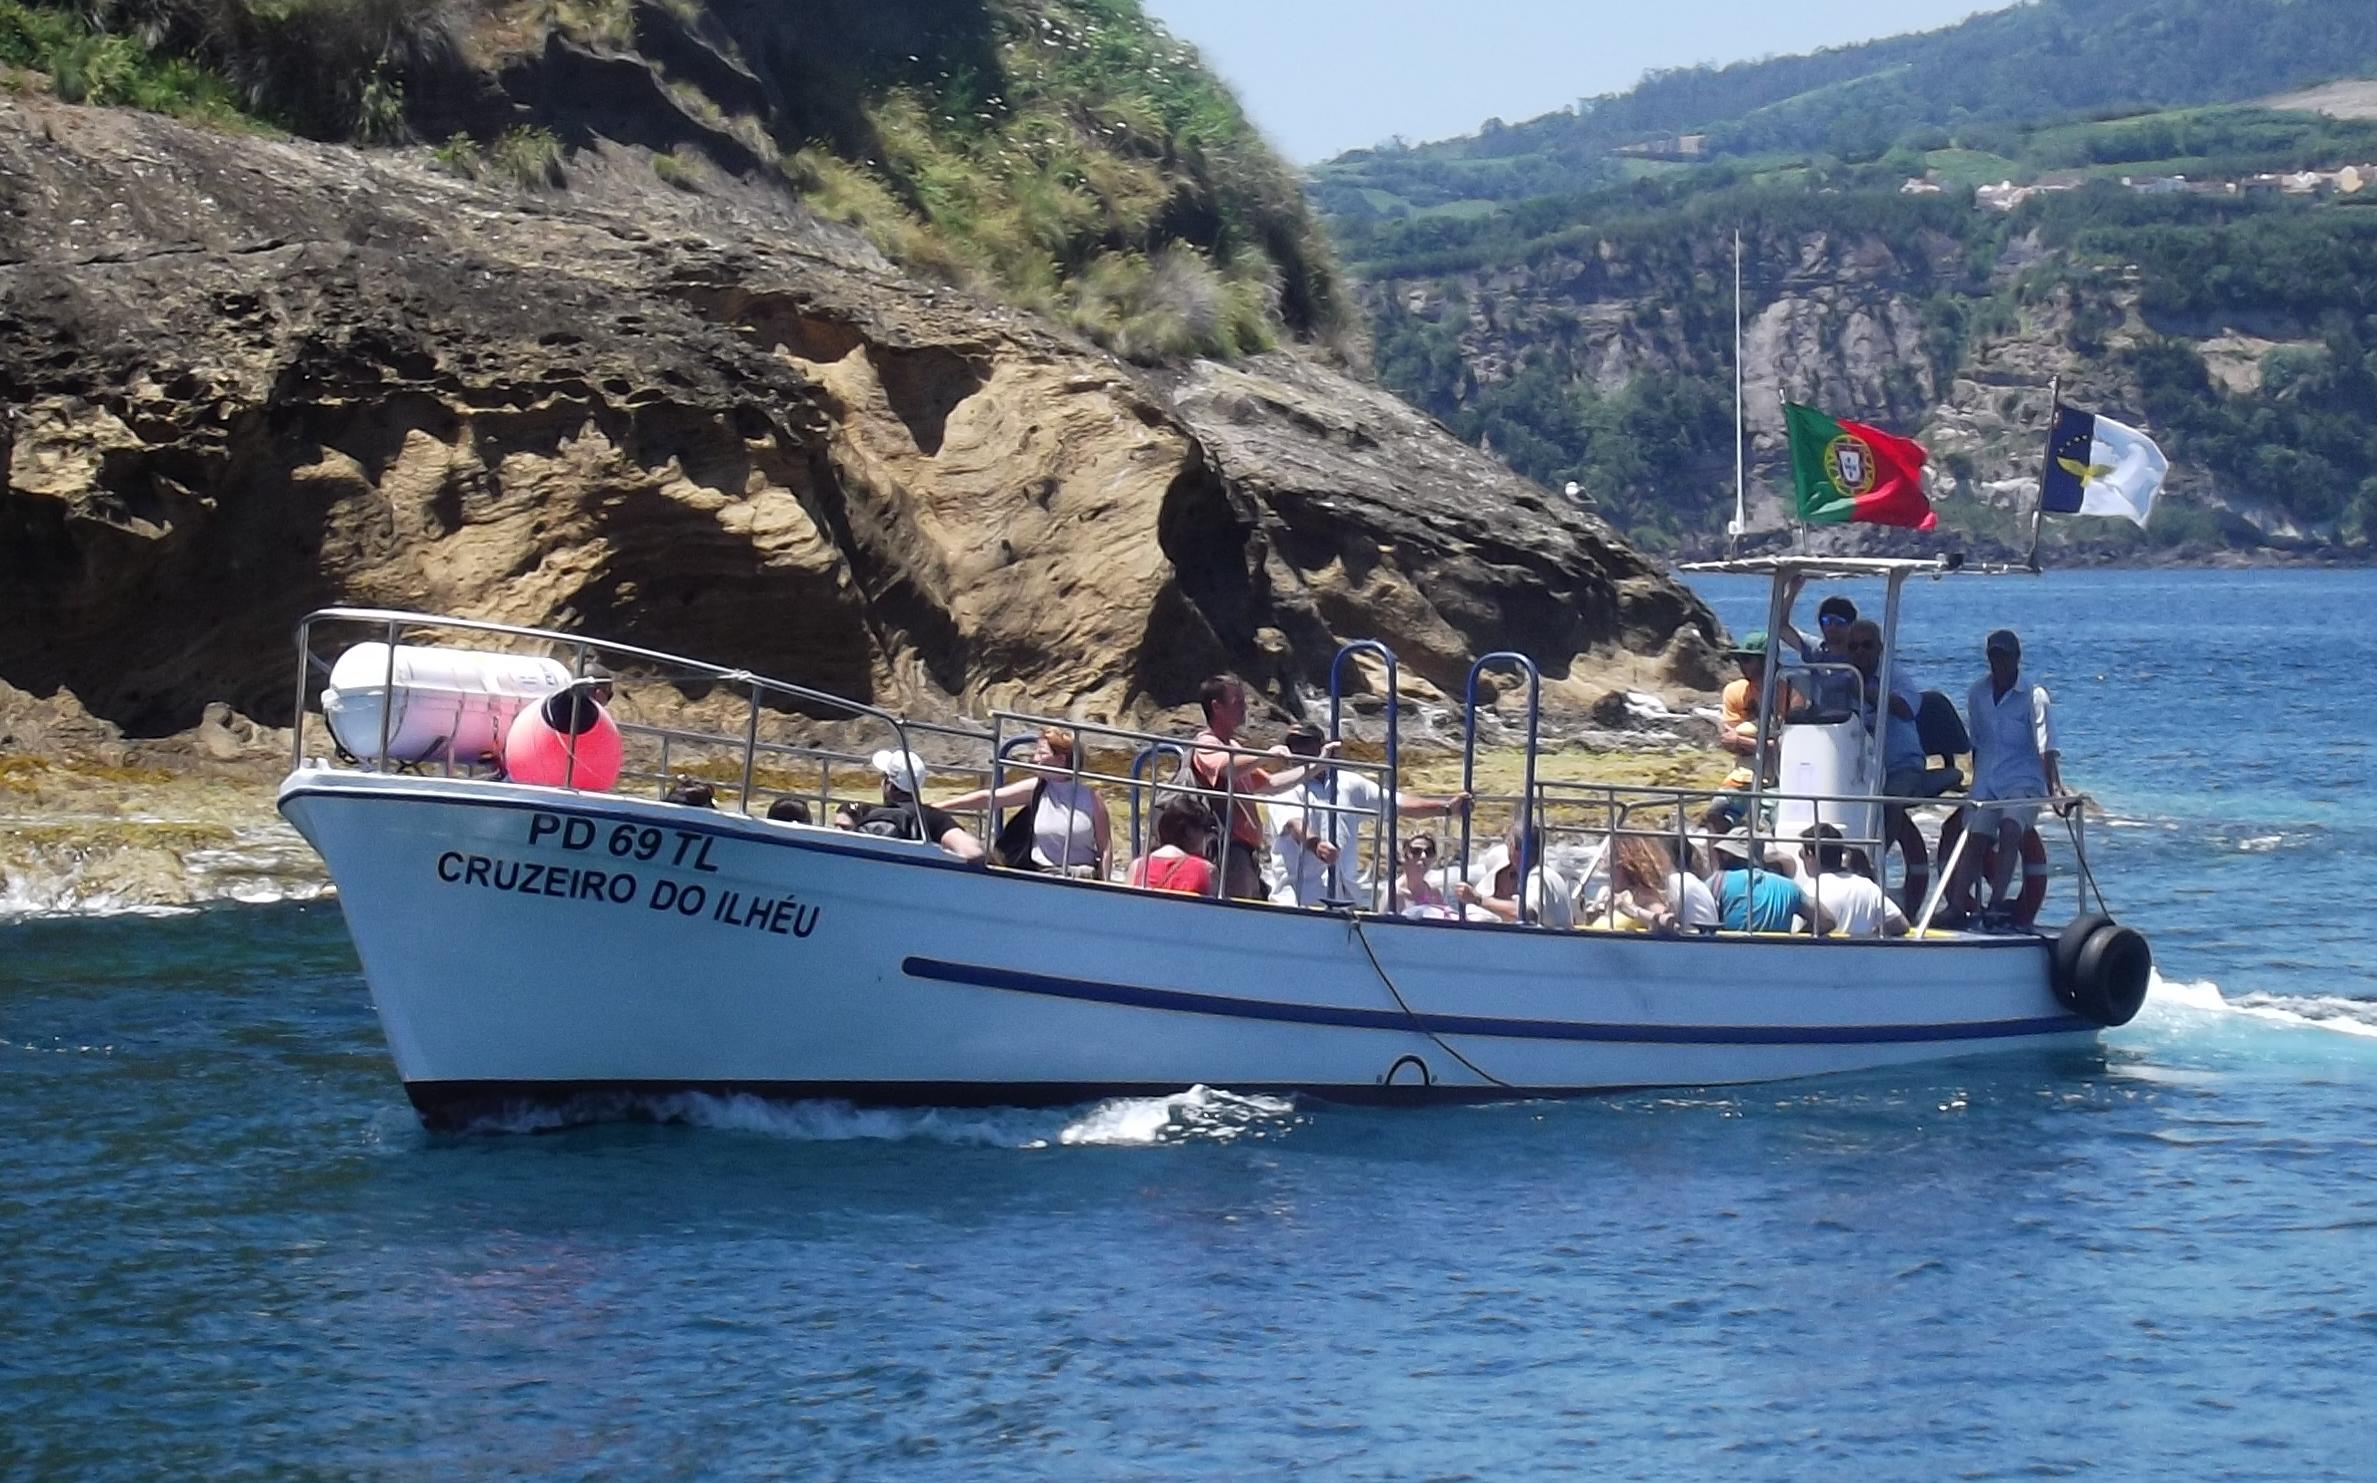 Alunos do 1º curso de mergulho OWD – SSI CNVFC/Azores Sub receberam o seu certificado de mergulhadores autónomos